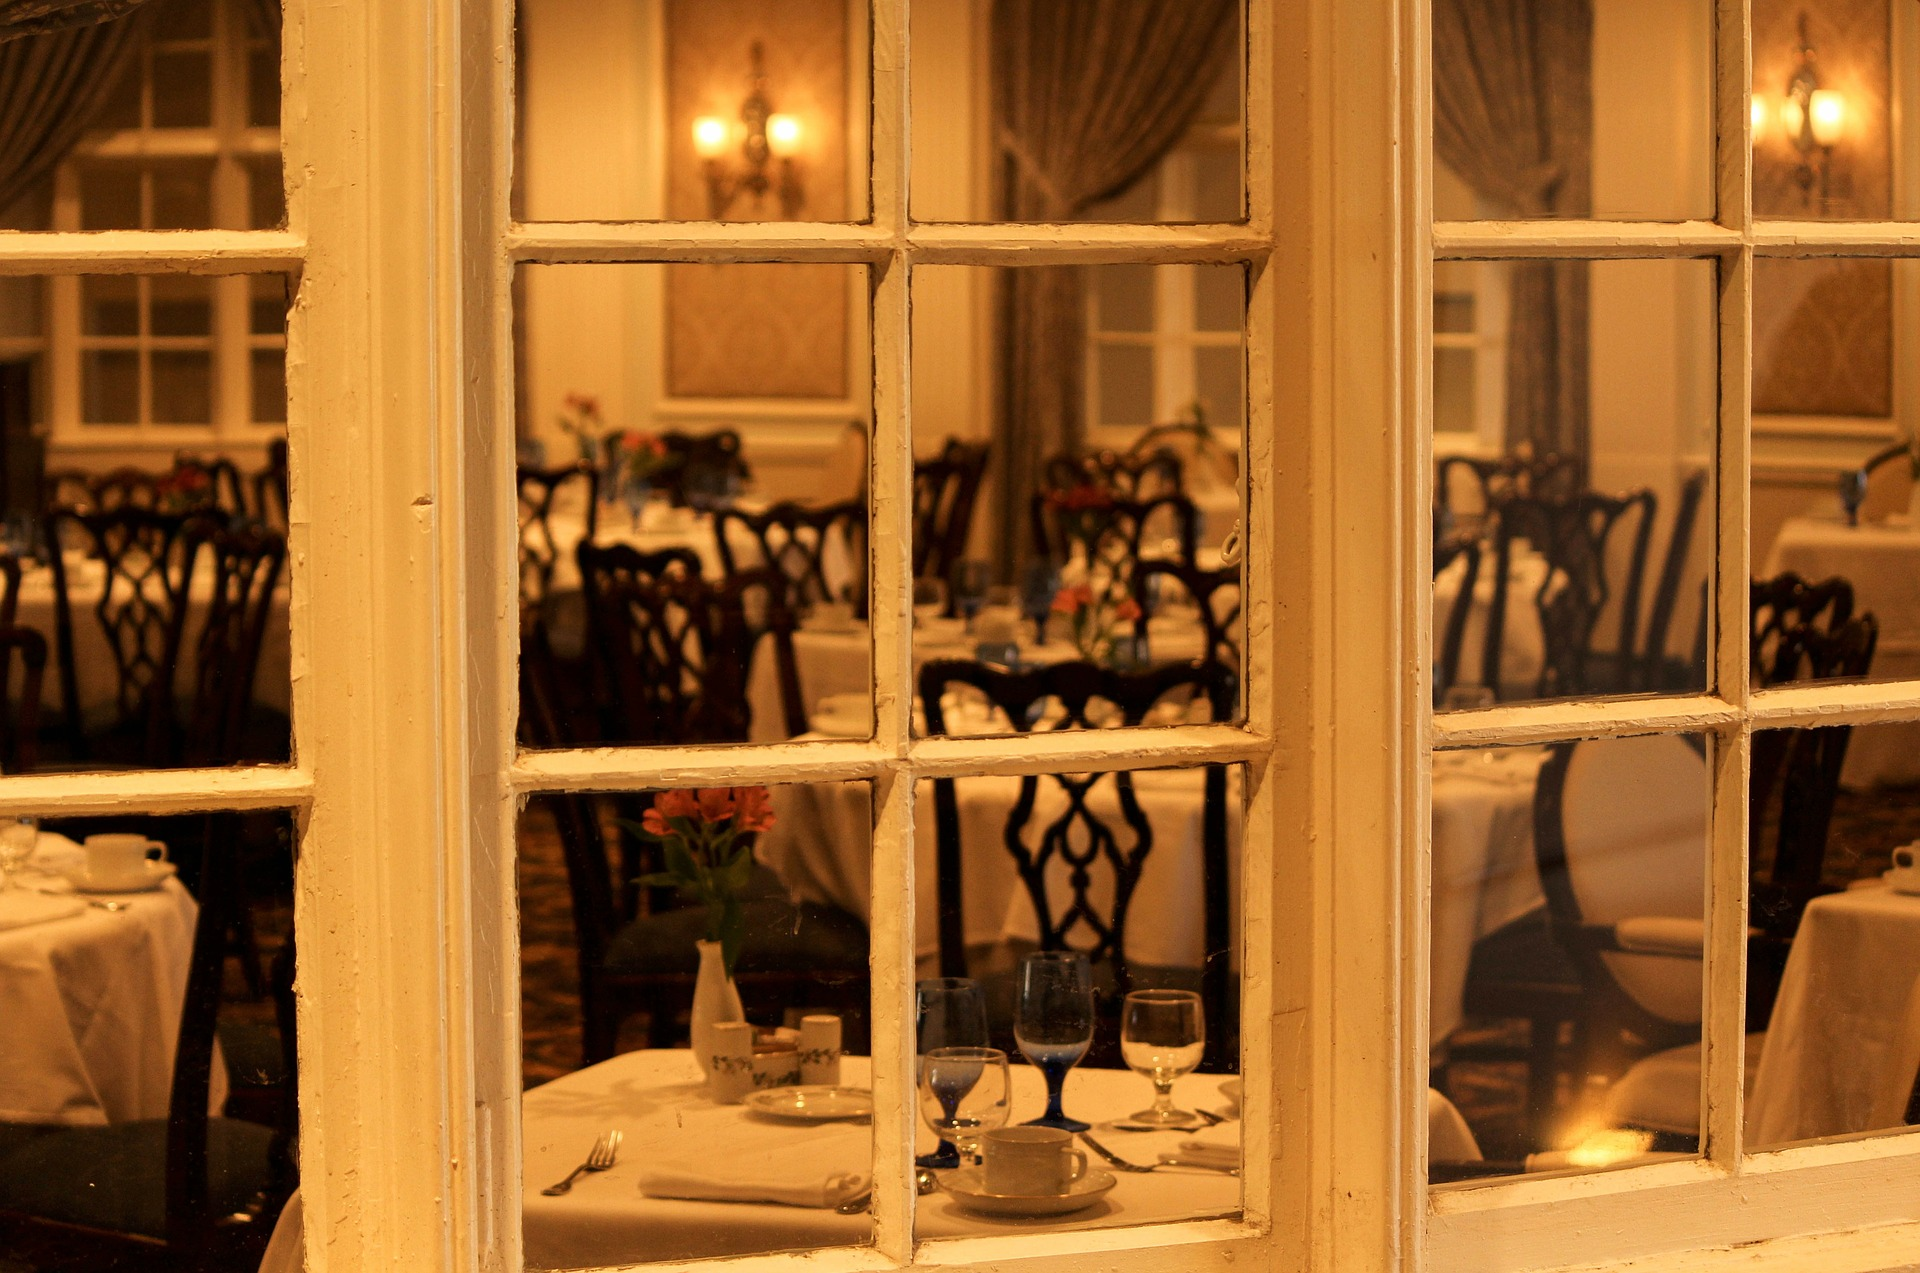 dining-room-103464_1920.jpg